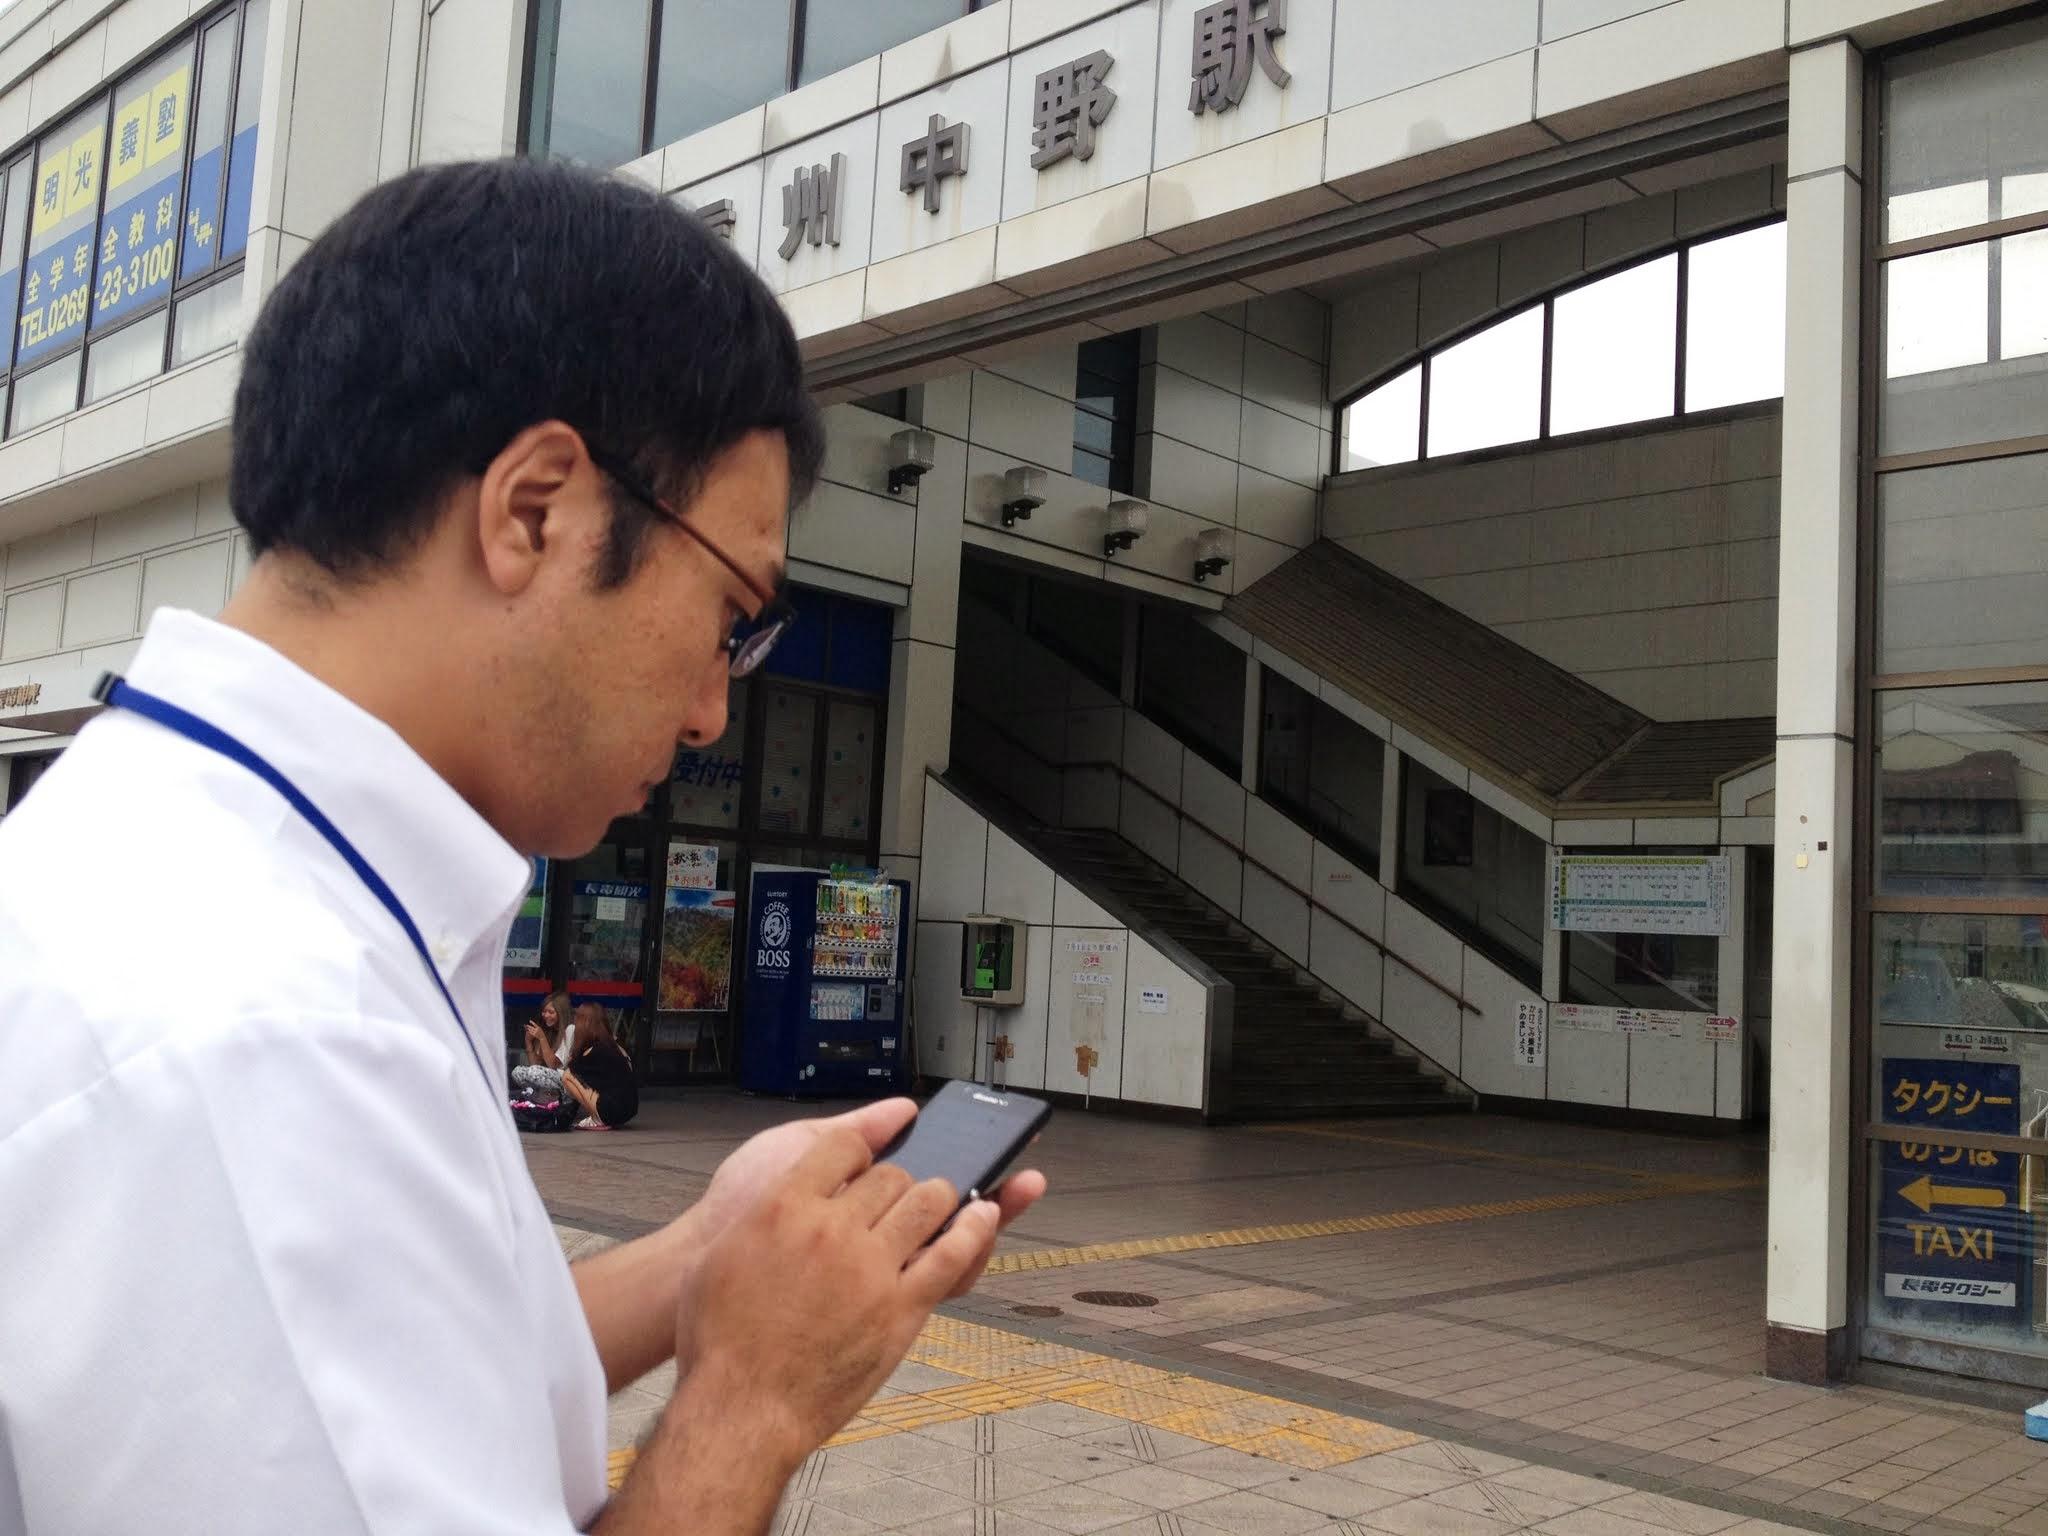 スマートフォンでガイドを作成する広報係の市職員